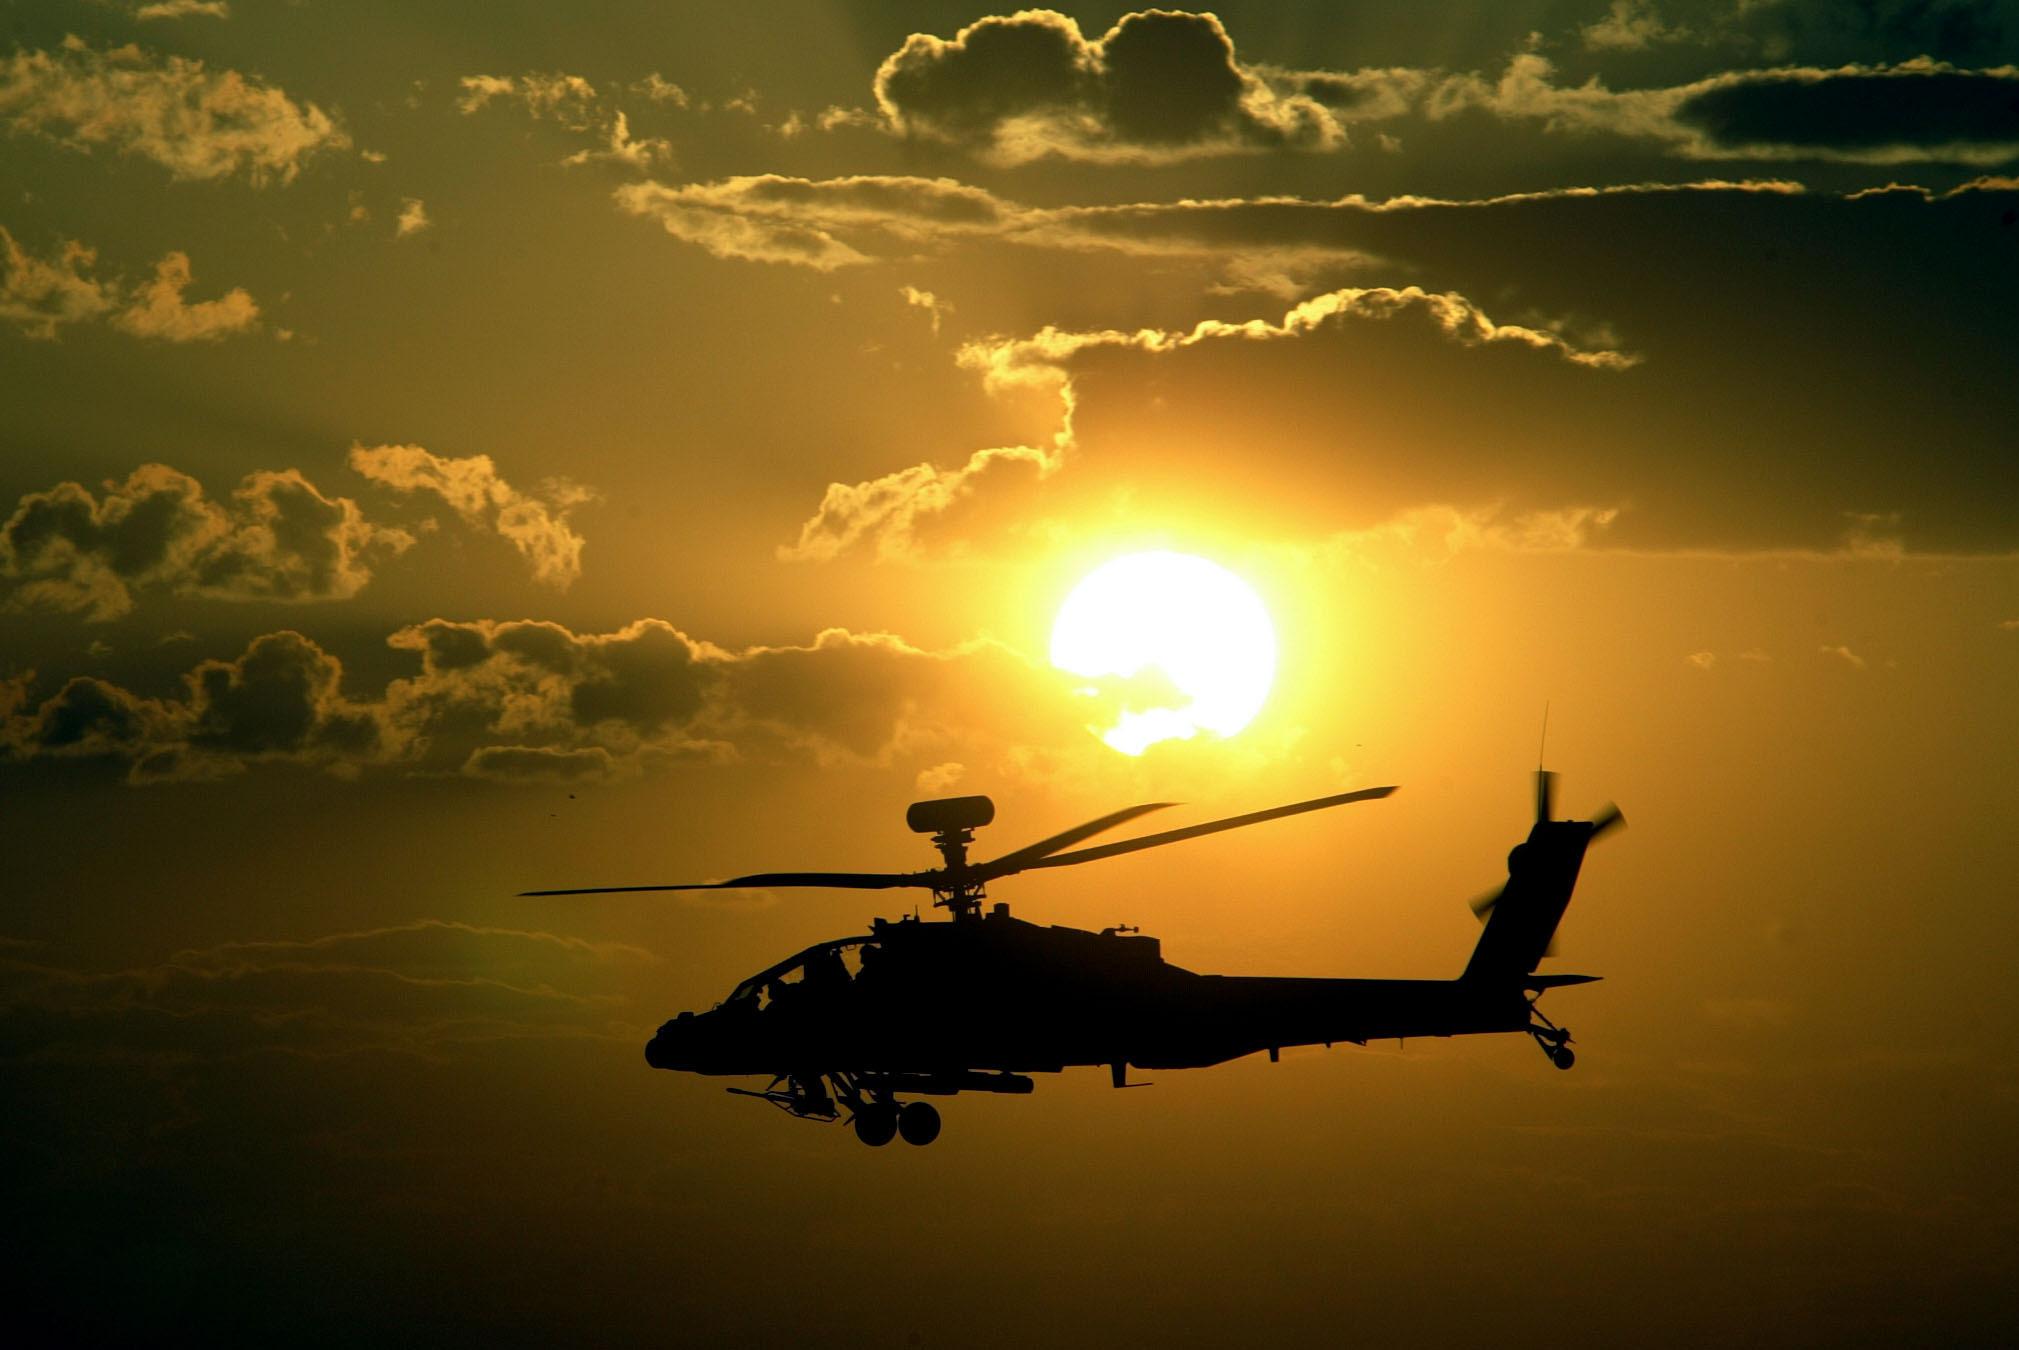 Искры, полет, огонь, вертолет, небо, самолет  № 3749019 загрузить